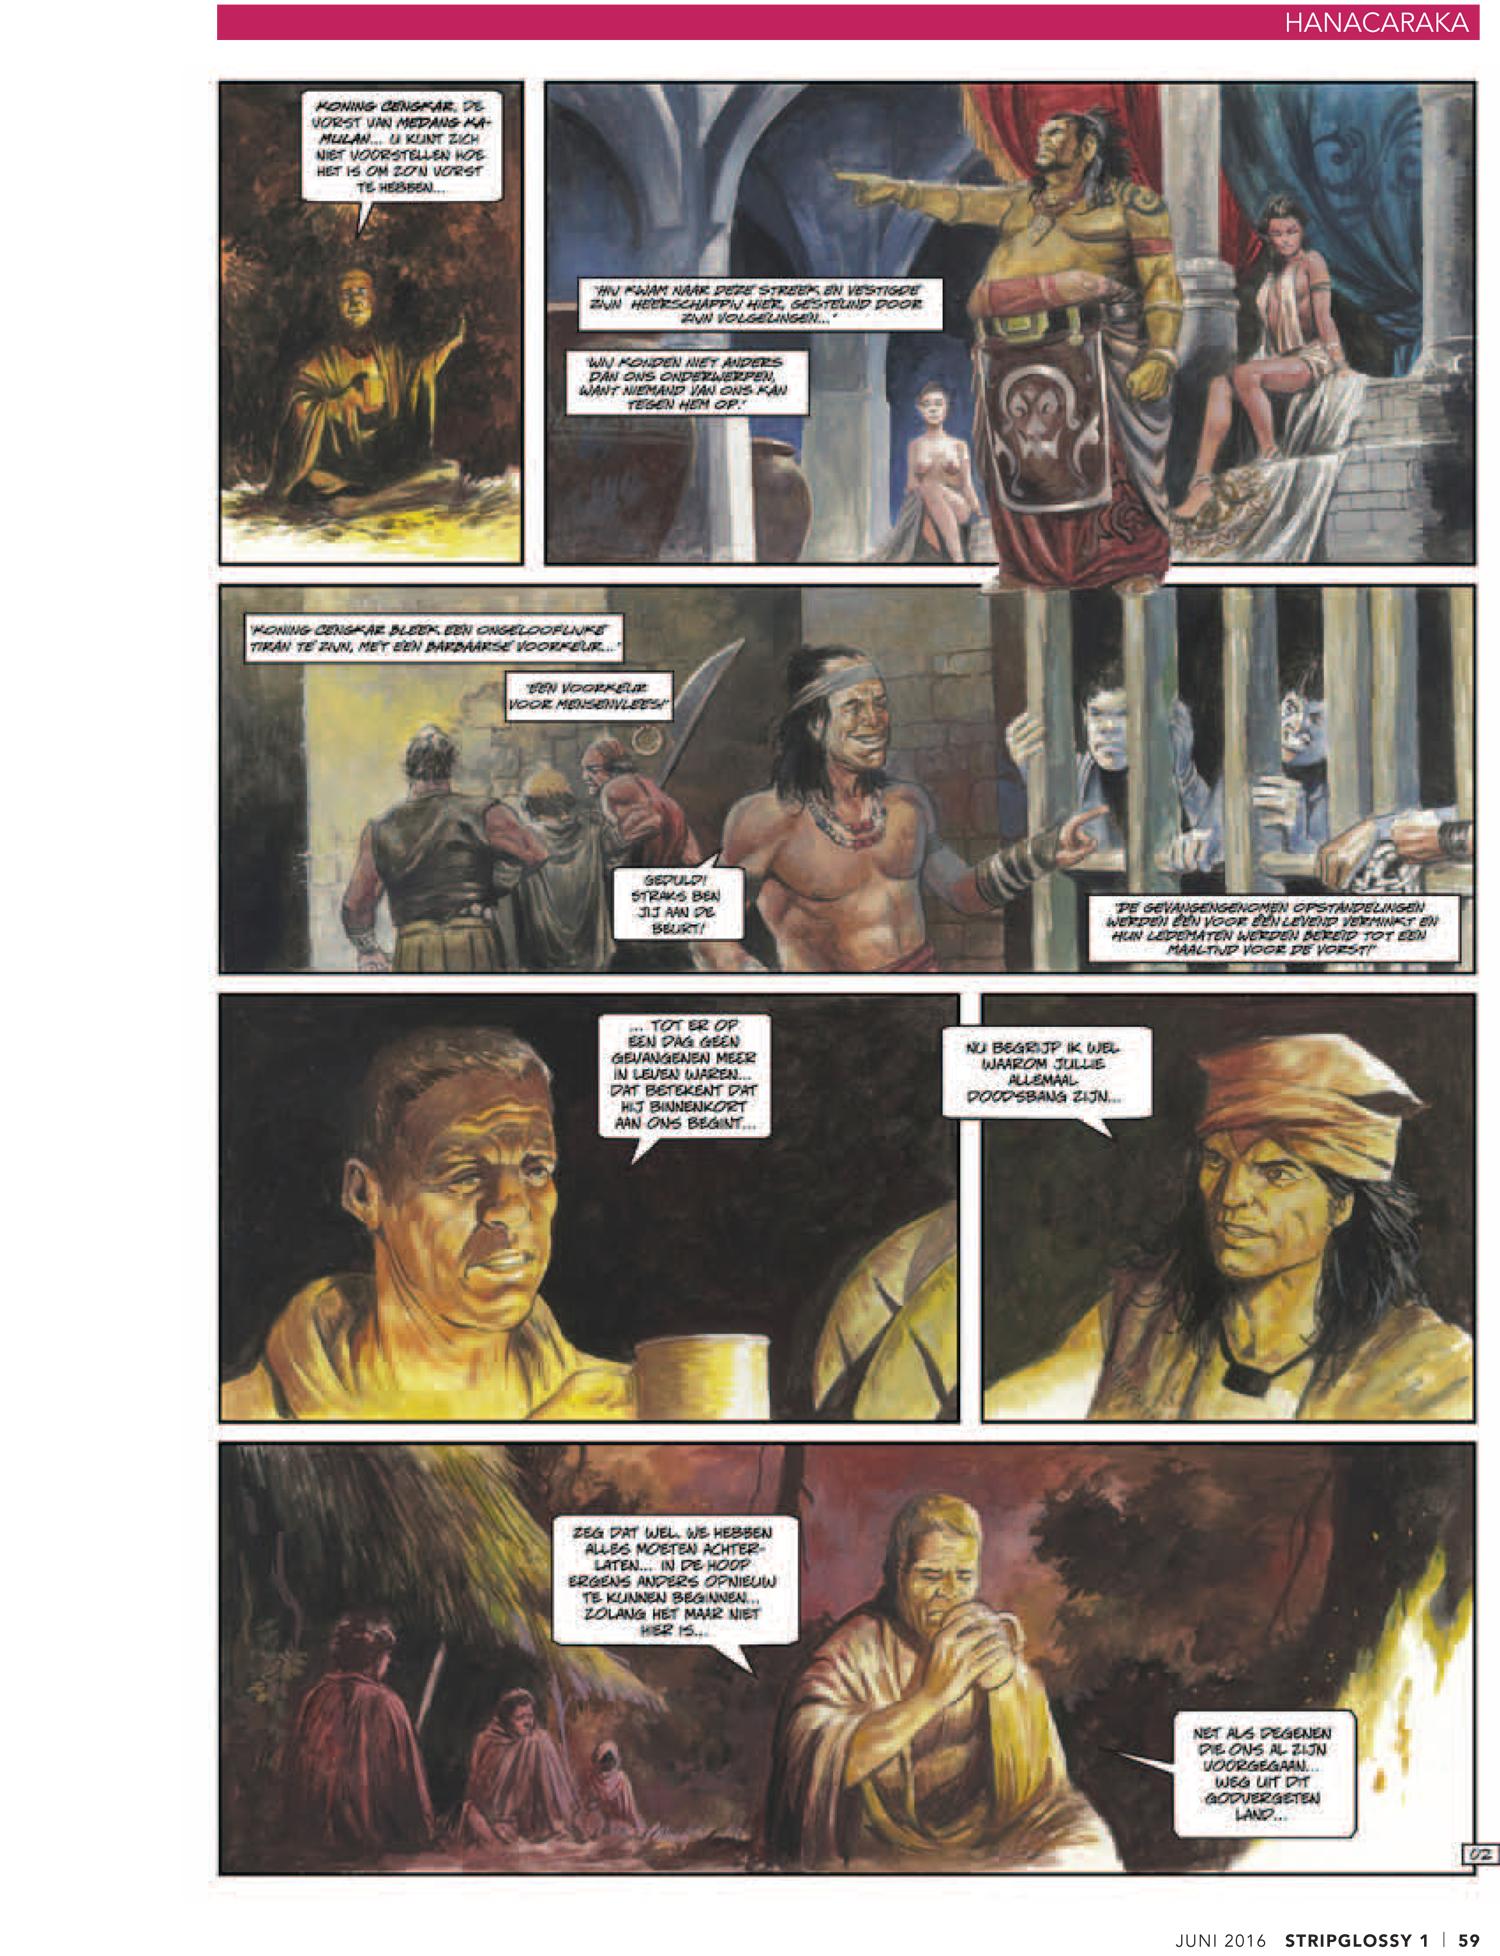 StripGlossy nr. 1 - Juni 2016 - Pagina 59